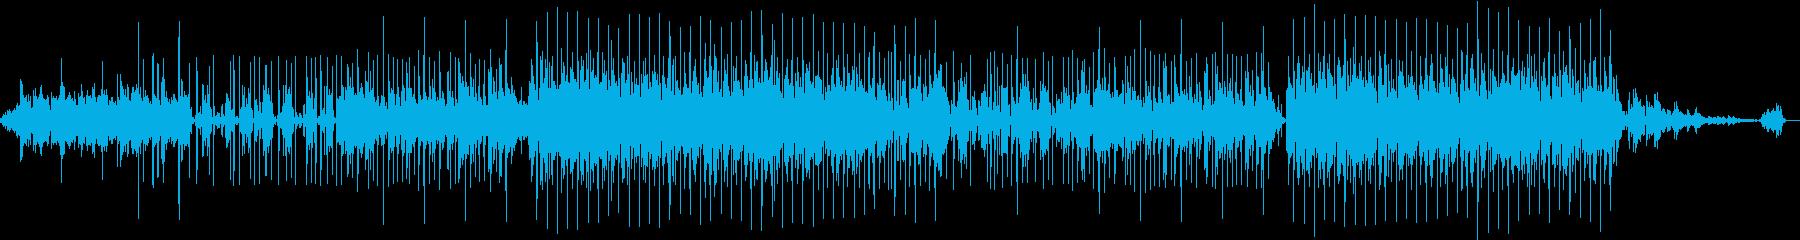 好きなコード進行を多様したポップスの再生済みの波形